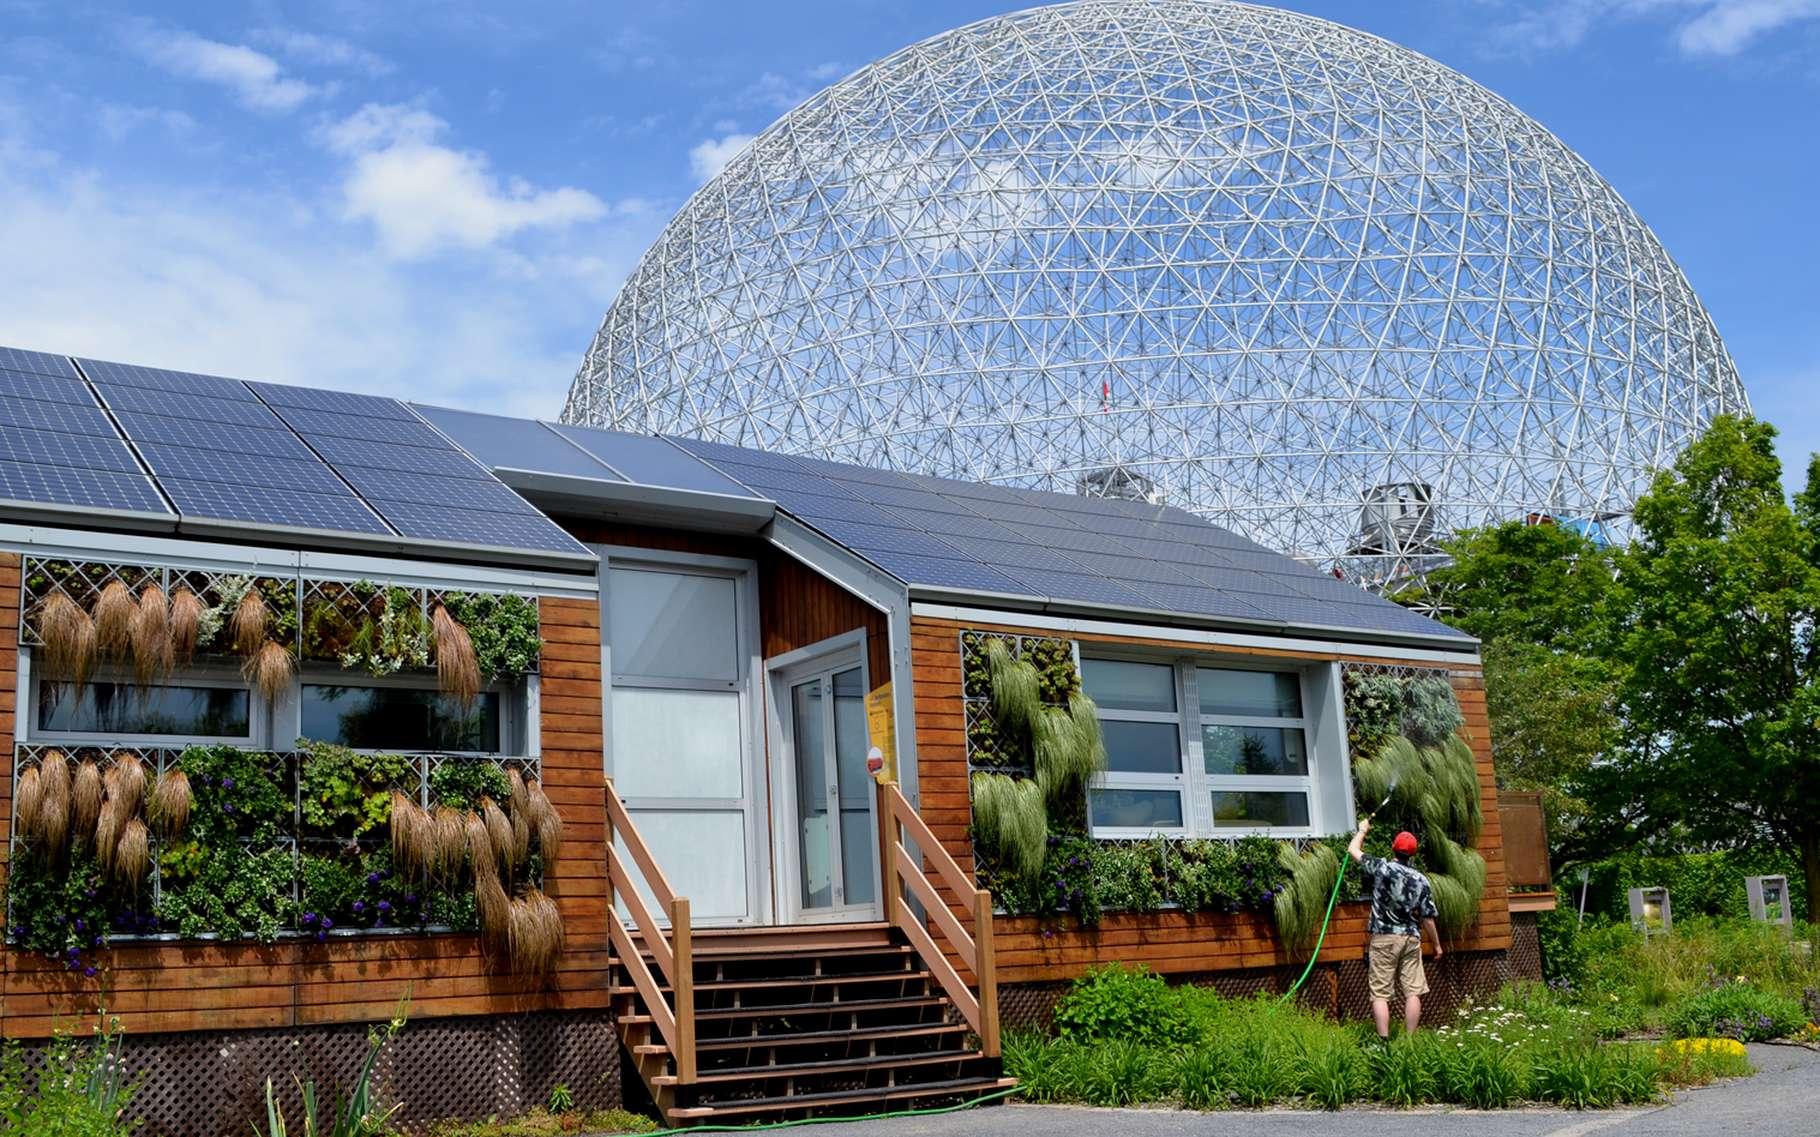 maisons ecologiques  les avantages et comment en construire une